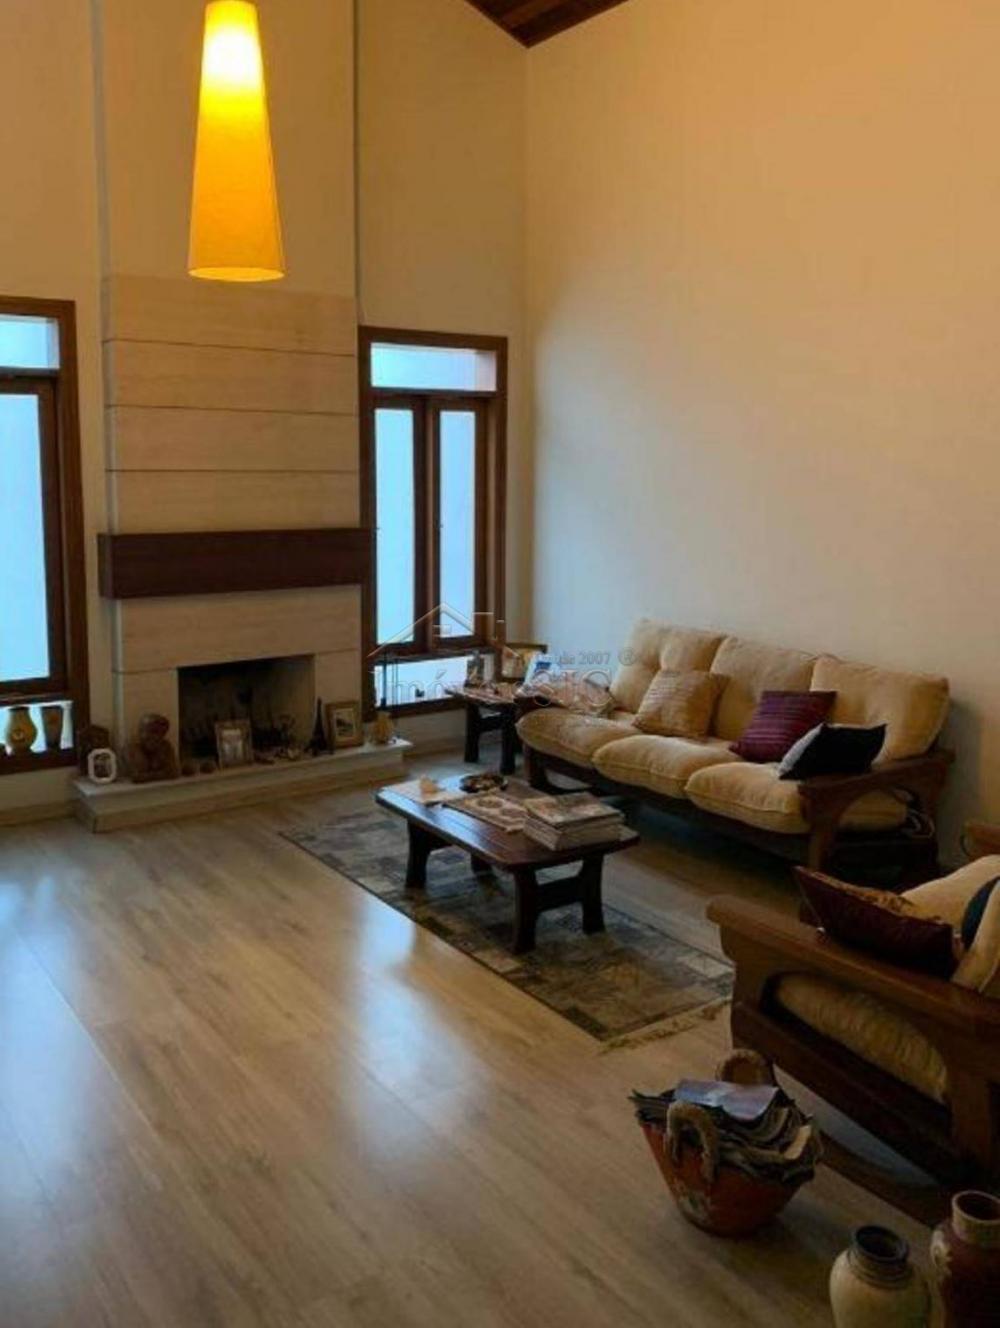 Comprar Casas / Condomínio em São José dos Campos apenas R$ 1.800.000,00 - Foto 3